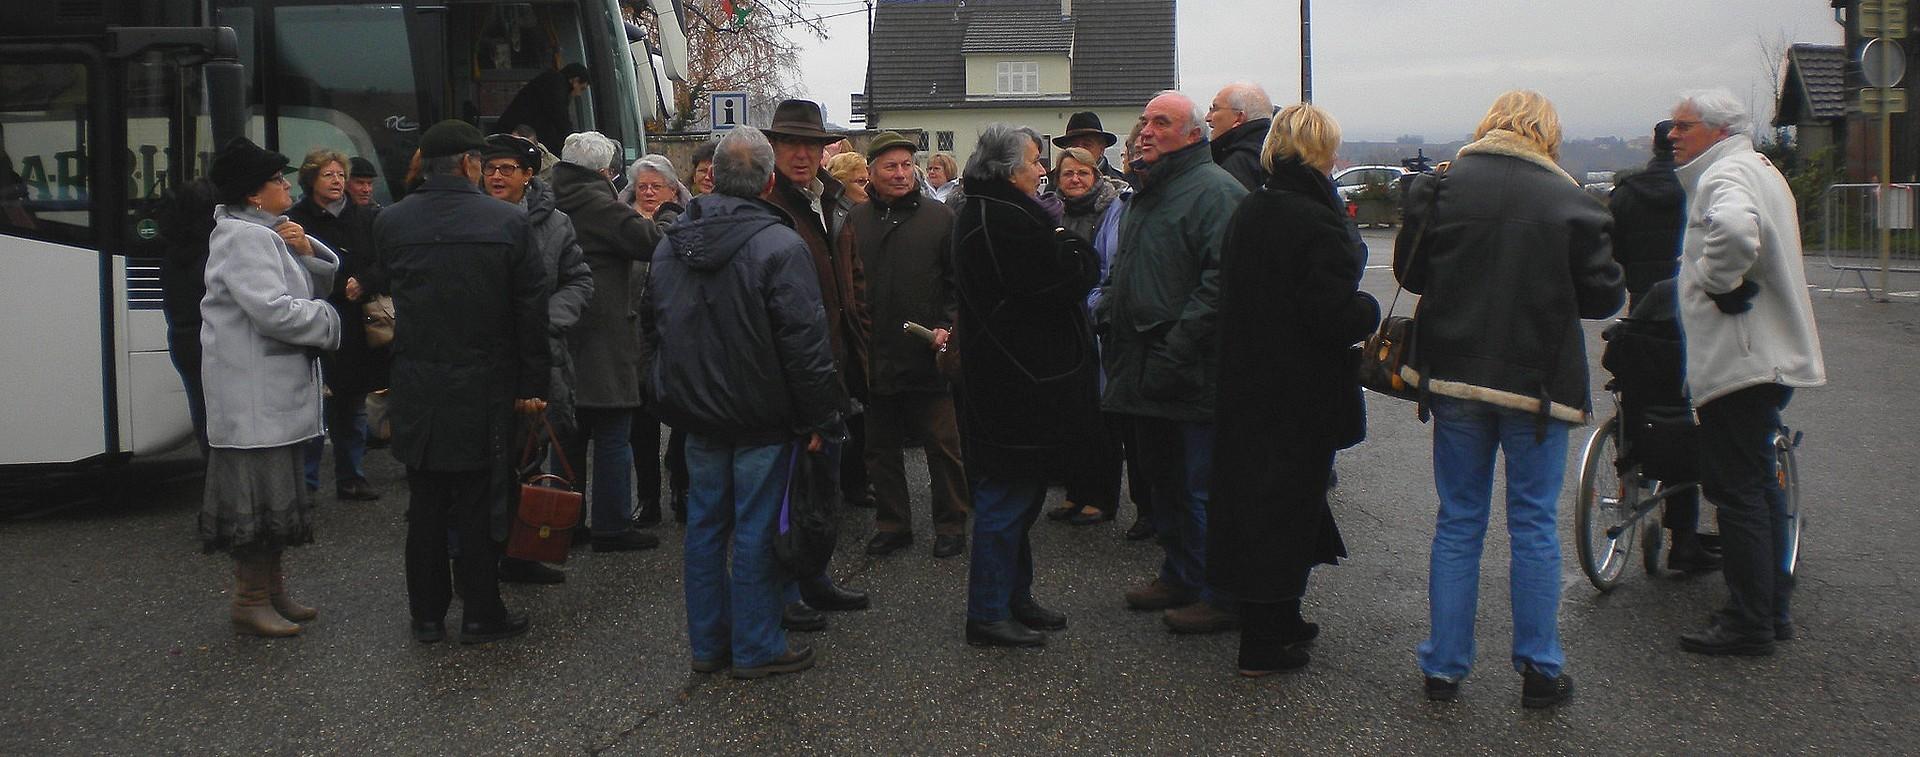 Noël en Alsace 2014